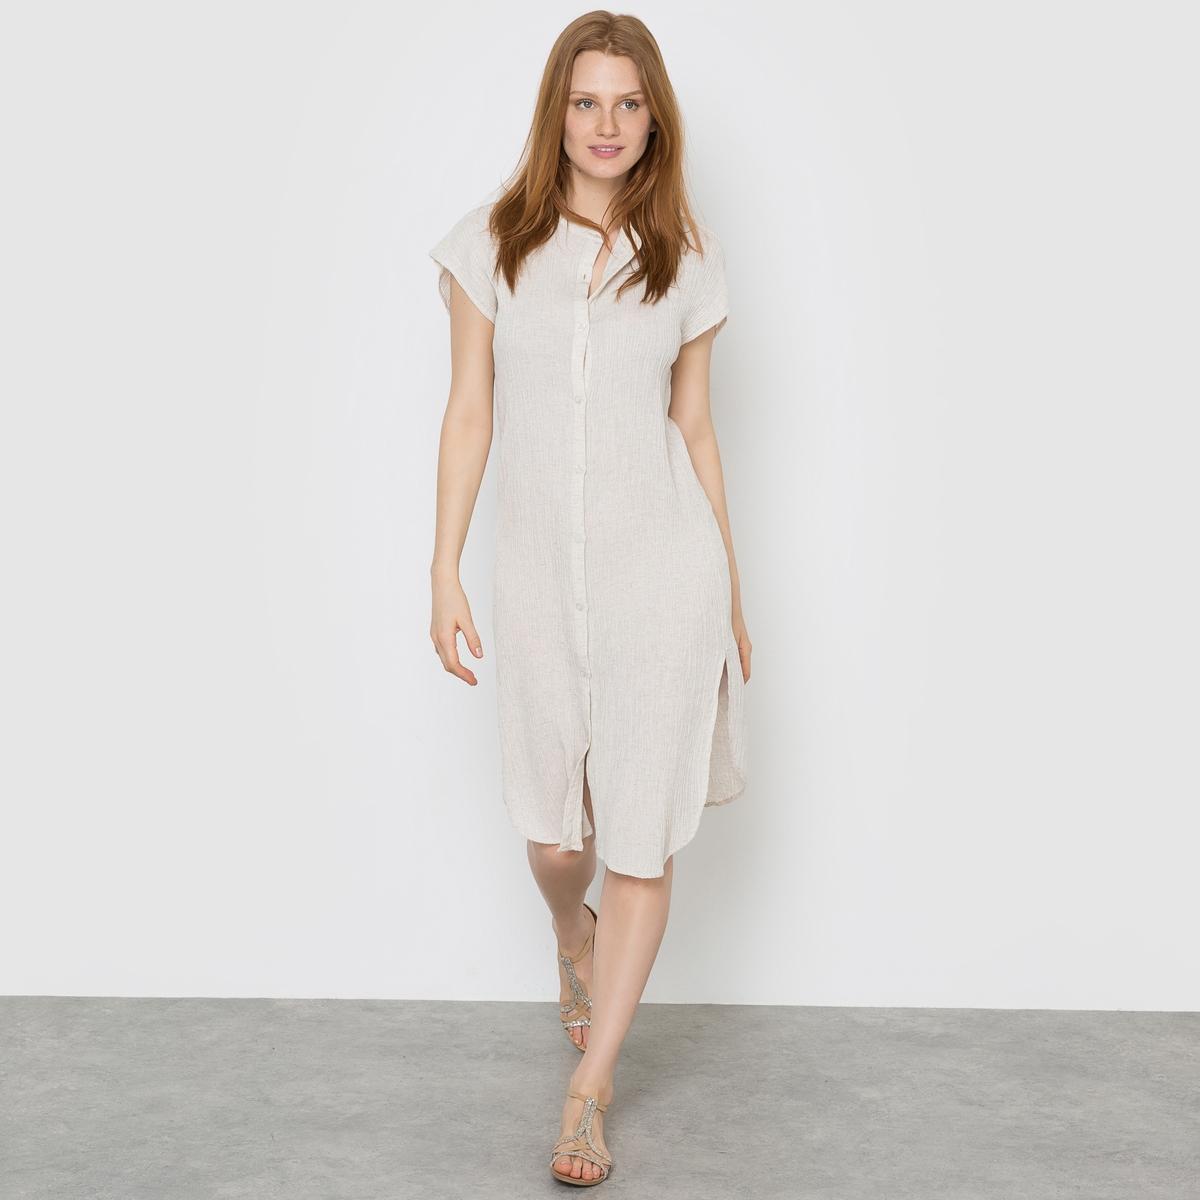 Платье-туника с маленькими рукавамиСостав и описание :Материал : 50% хлопка, 50% вискозы<br><br>Цвет: бежевый<br>Размер: XS